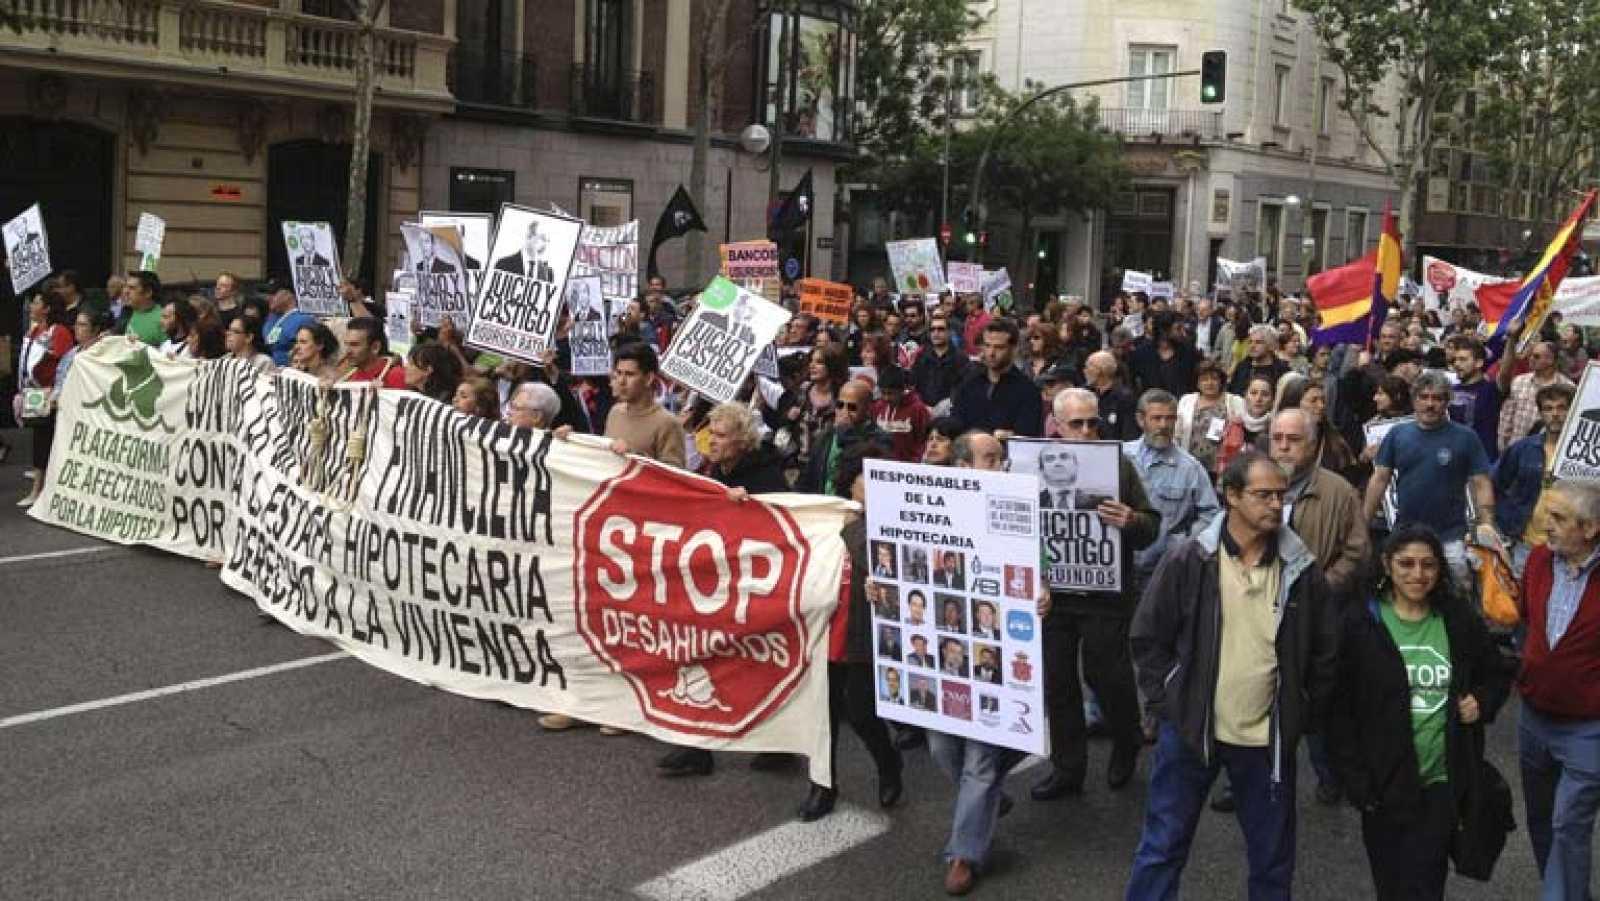 El Tribunal Constitucional suspende el decreto andaluz sobre desahucios